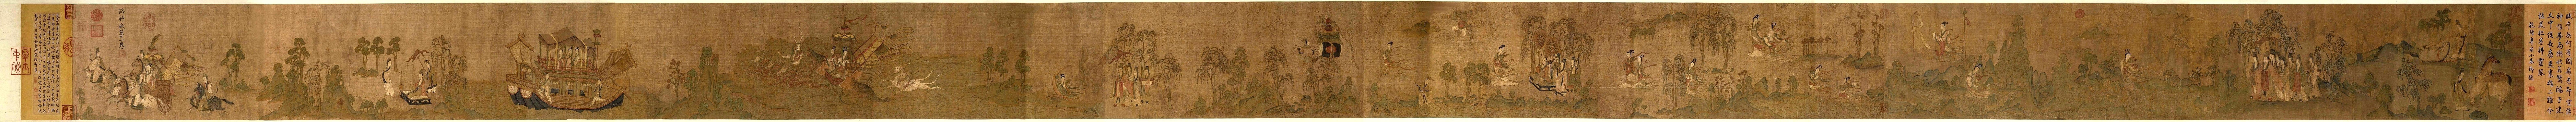 gu kaizhi - image 3